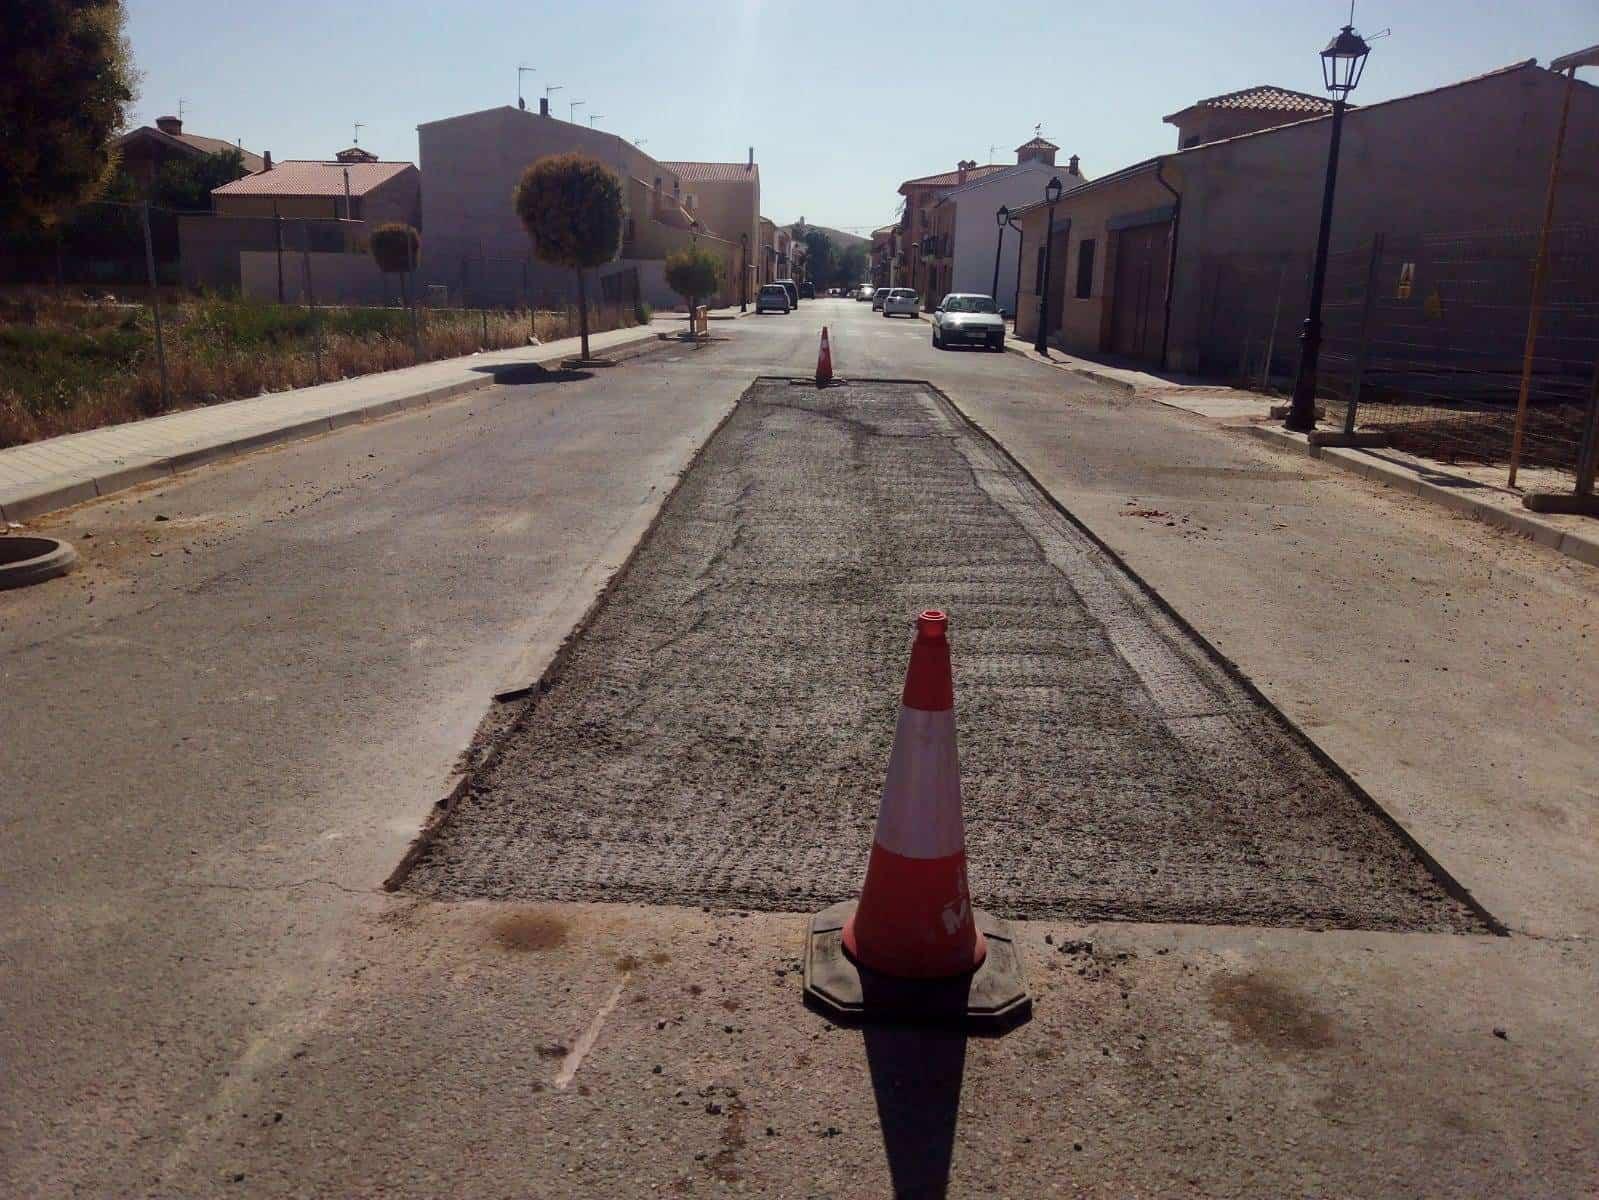 Asfaltado de calles para solucionar problemas de hundimientos y levantamientos - Asfaltado de calles para solucionar problemas de hundimientos y levantamientos